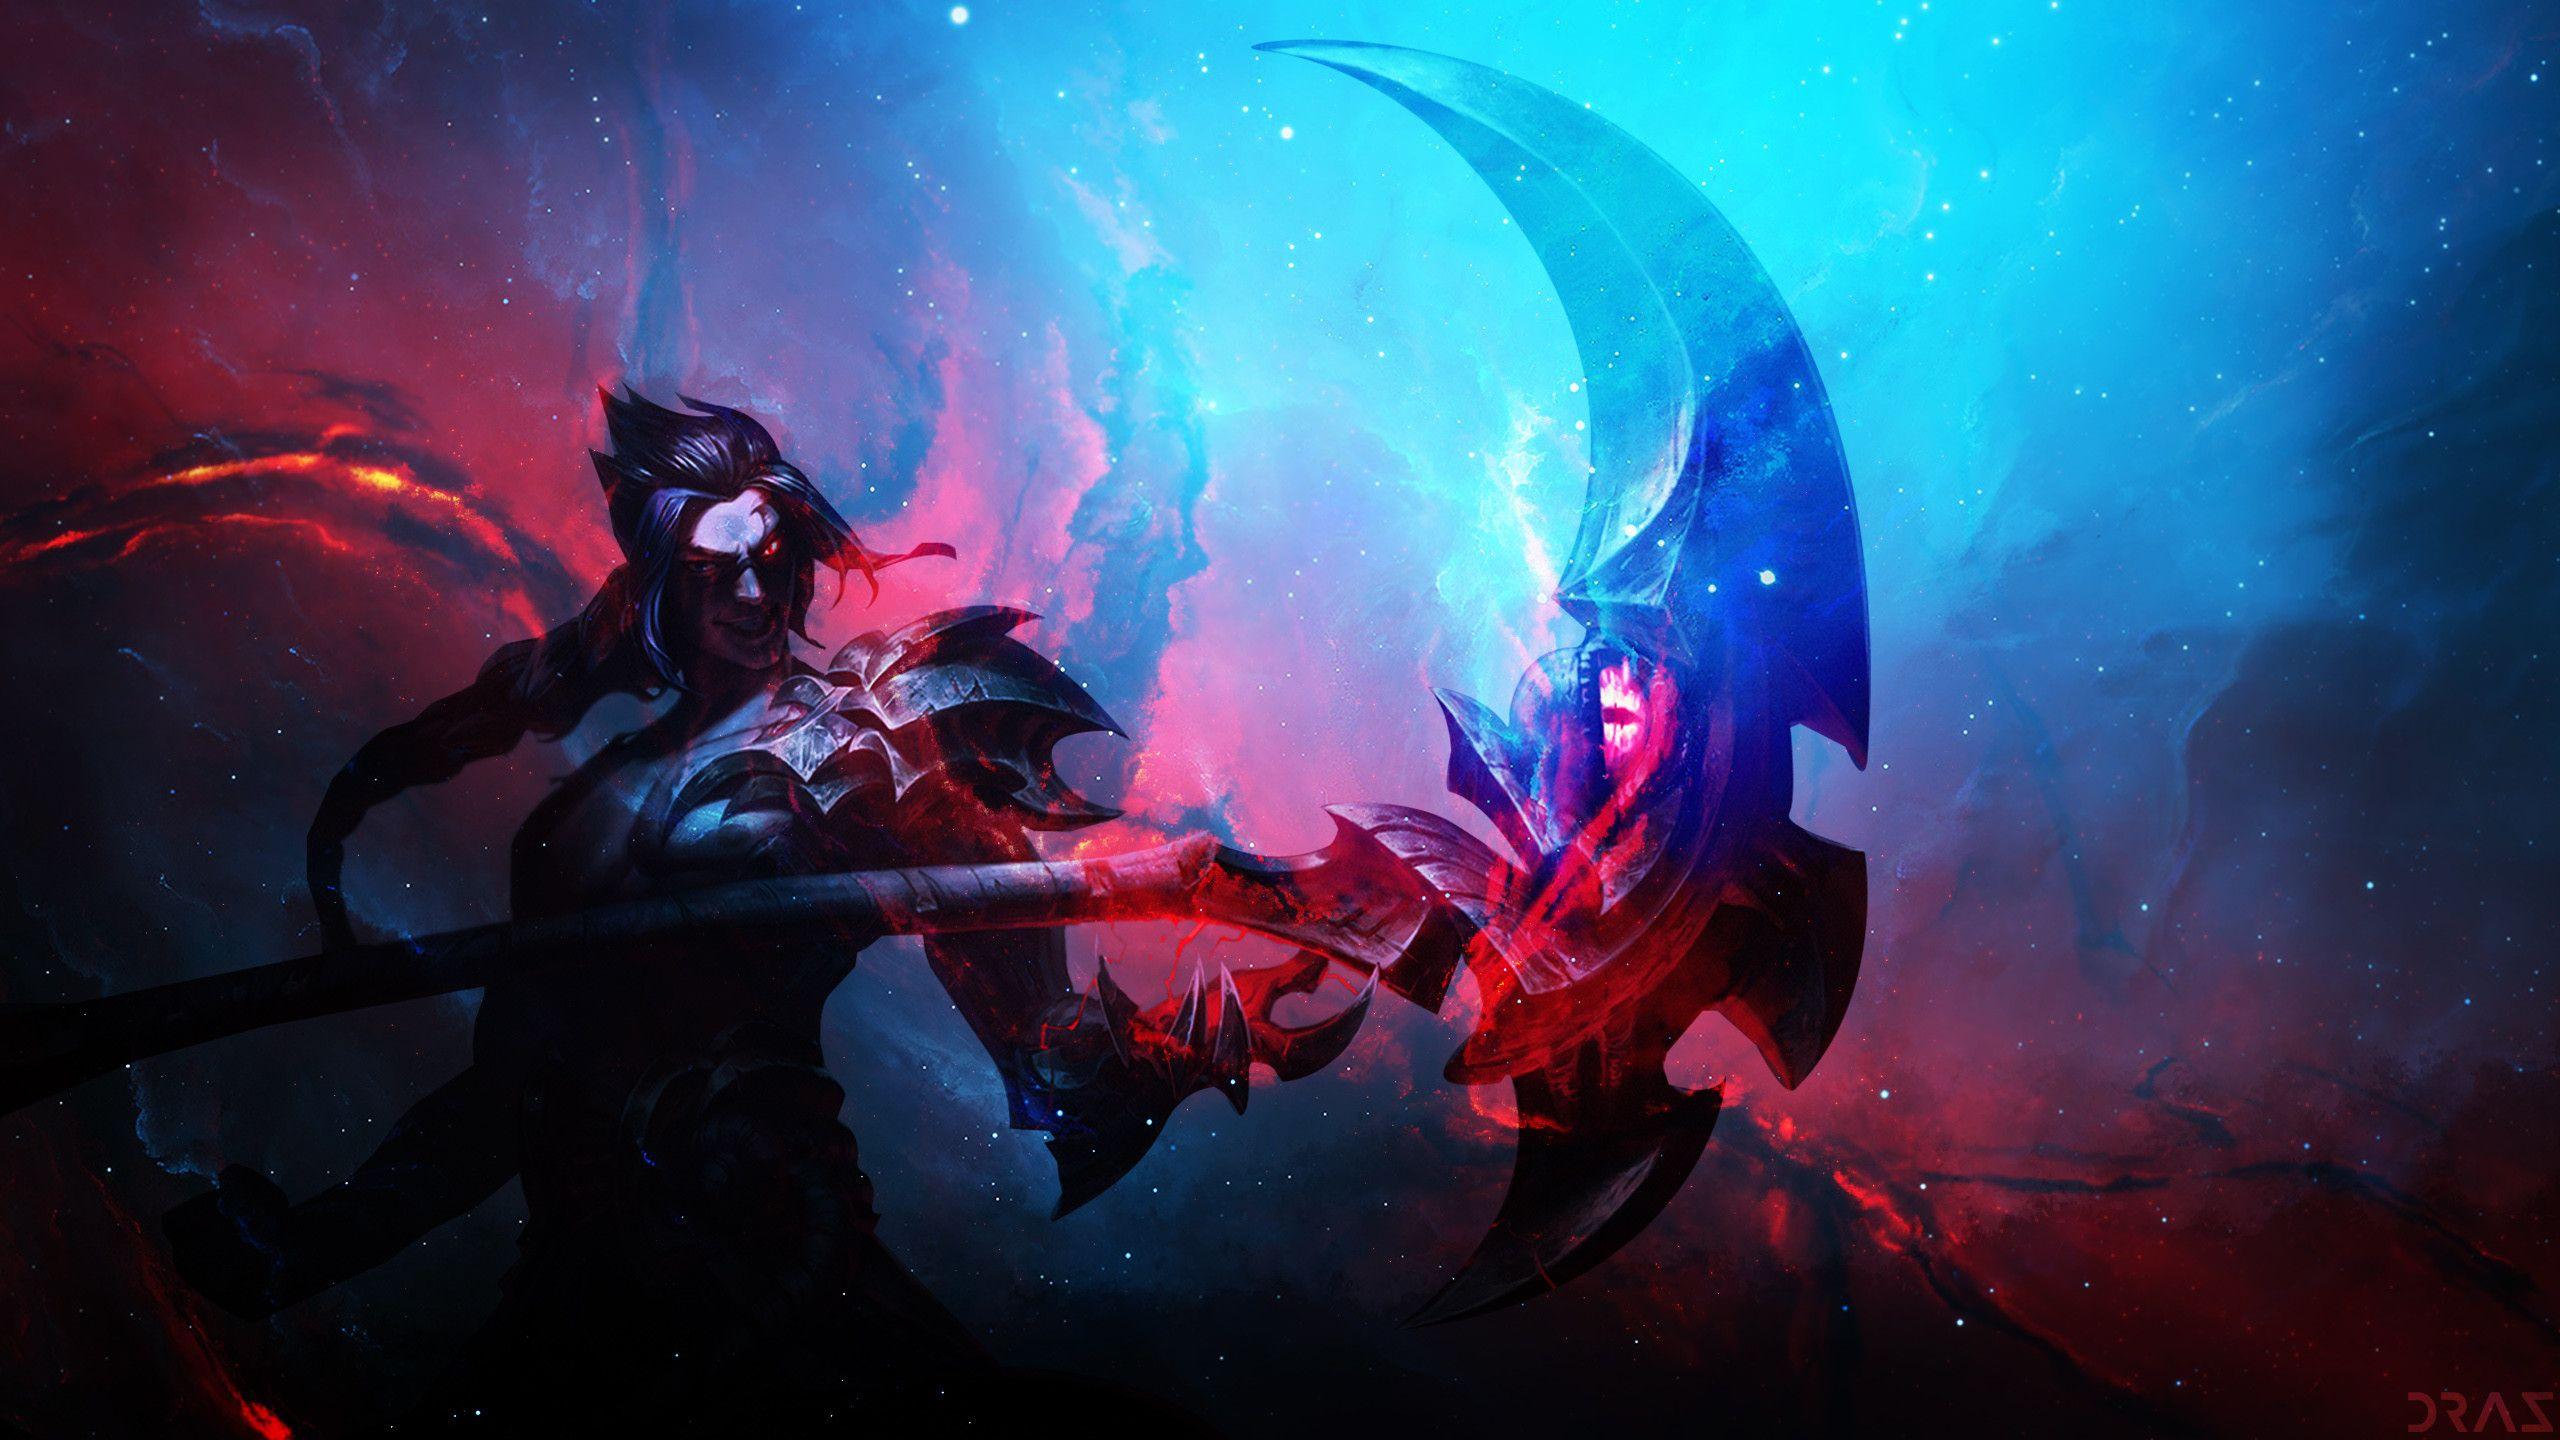 2560x1440 Kayn By Drazieth Hd Wallpaper Background Fan Art Artwork League Of Legends Lol Background Pictures League Of Legends Lol League Of Legends